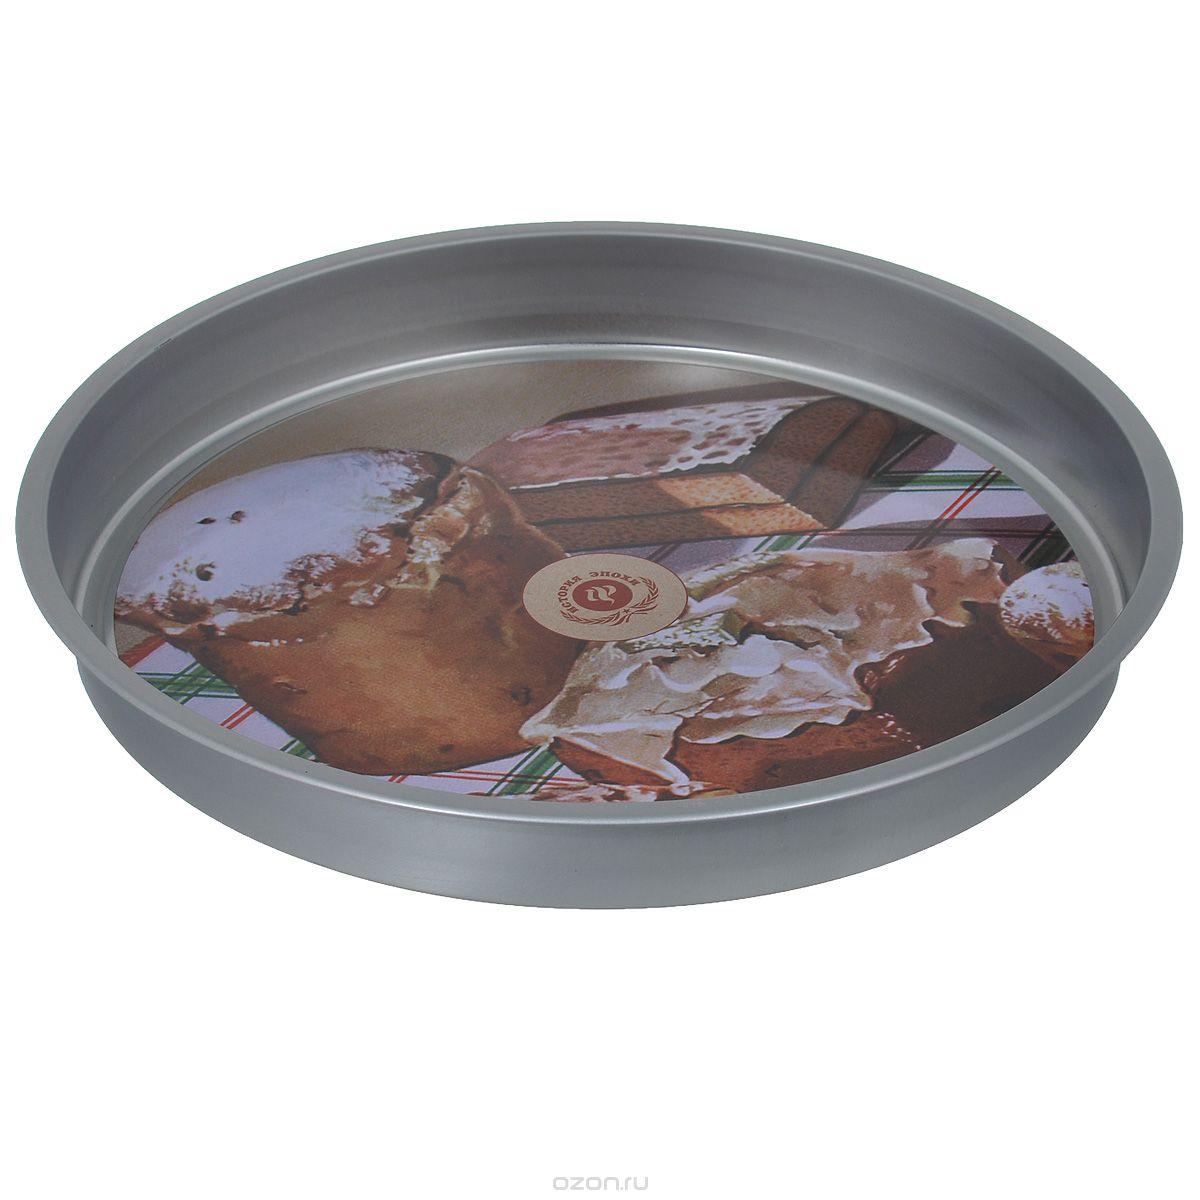 Поднос Феникс-Презент Кексы, диаметр 33 см402-499_малиновыйПоднос Феникс-Презент Кексы изготовлен из металла и оснащен высокими бортиками. Внутри поднос оформлен рисунком с изображением кексов. Поднос может использоваться как для сервировки, так и для декора кухни. Такой поднос стильно дополнит любой кухонный интерьер, добавив немного ретро в окружающую обстановку. Диаметр подноса (по верхнему краю): 33 см. Высота бортиков: 4 см.